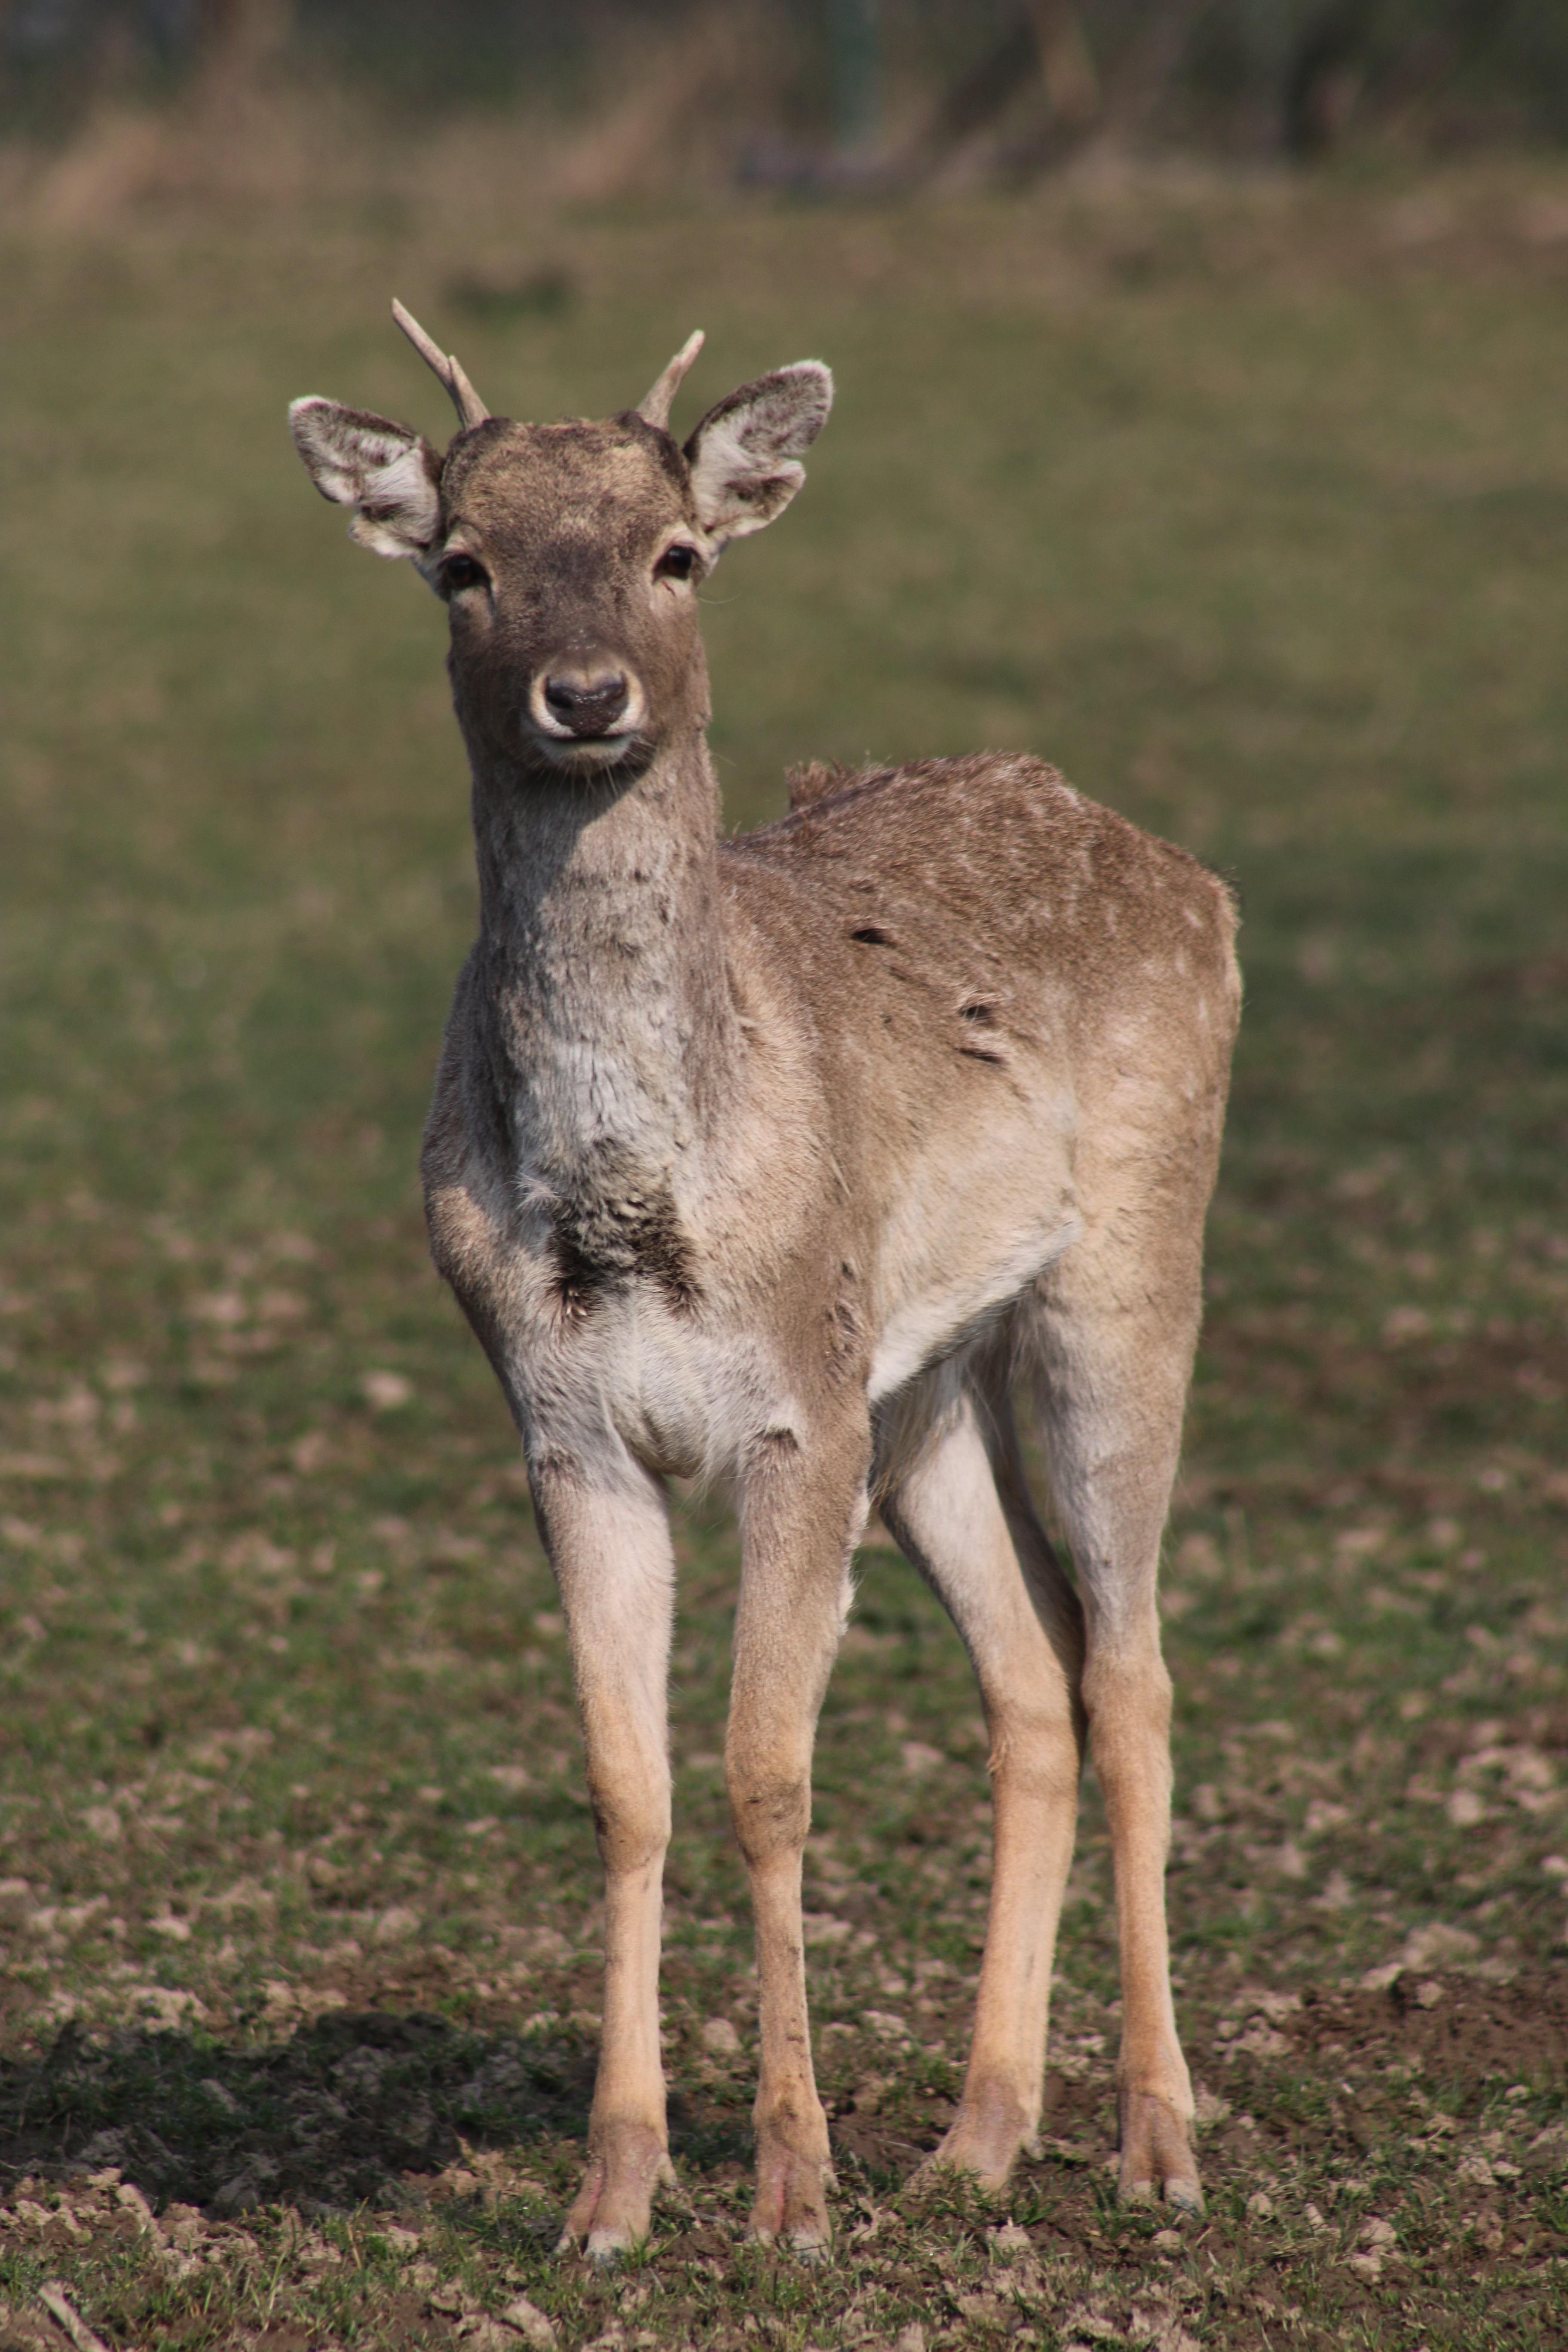 """יחמור בגן החיות """"אופל"""" בגרמניה (צילום: Opel Zoo)"""